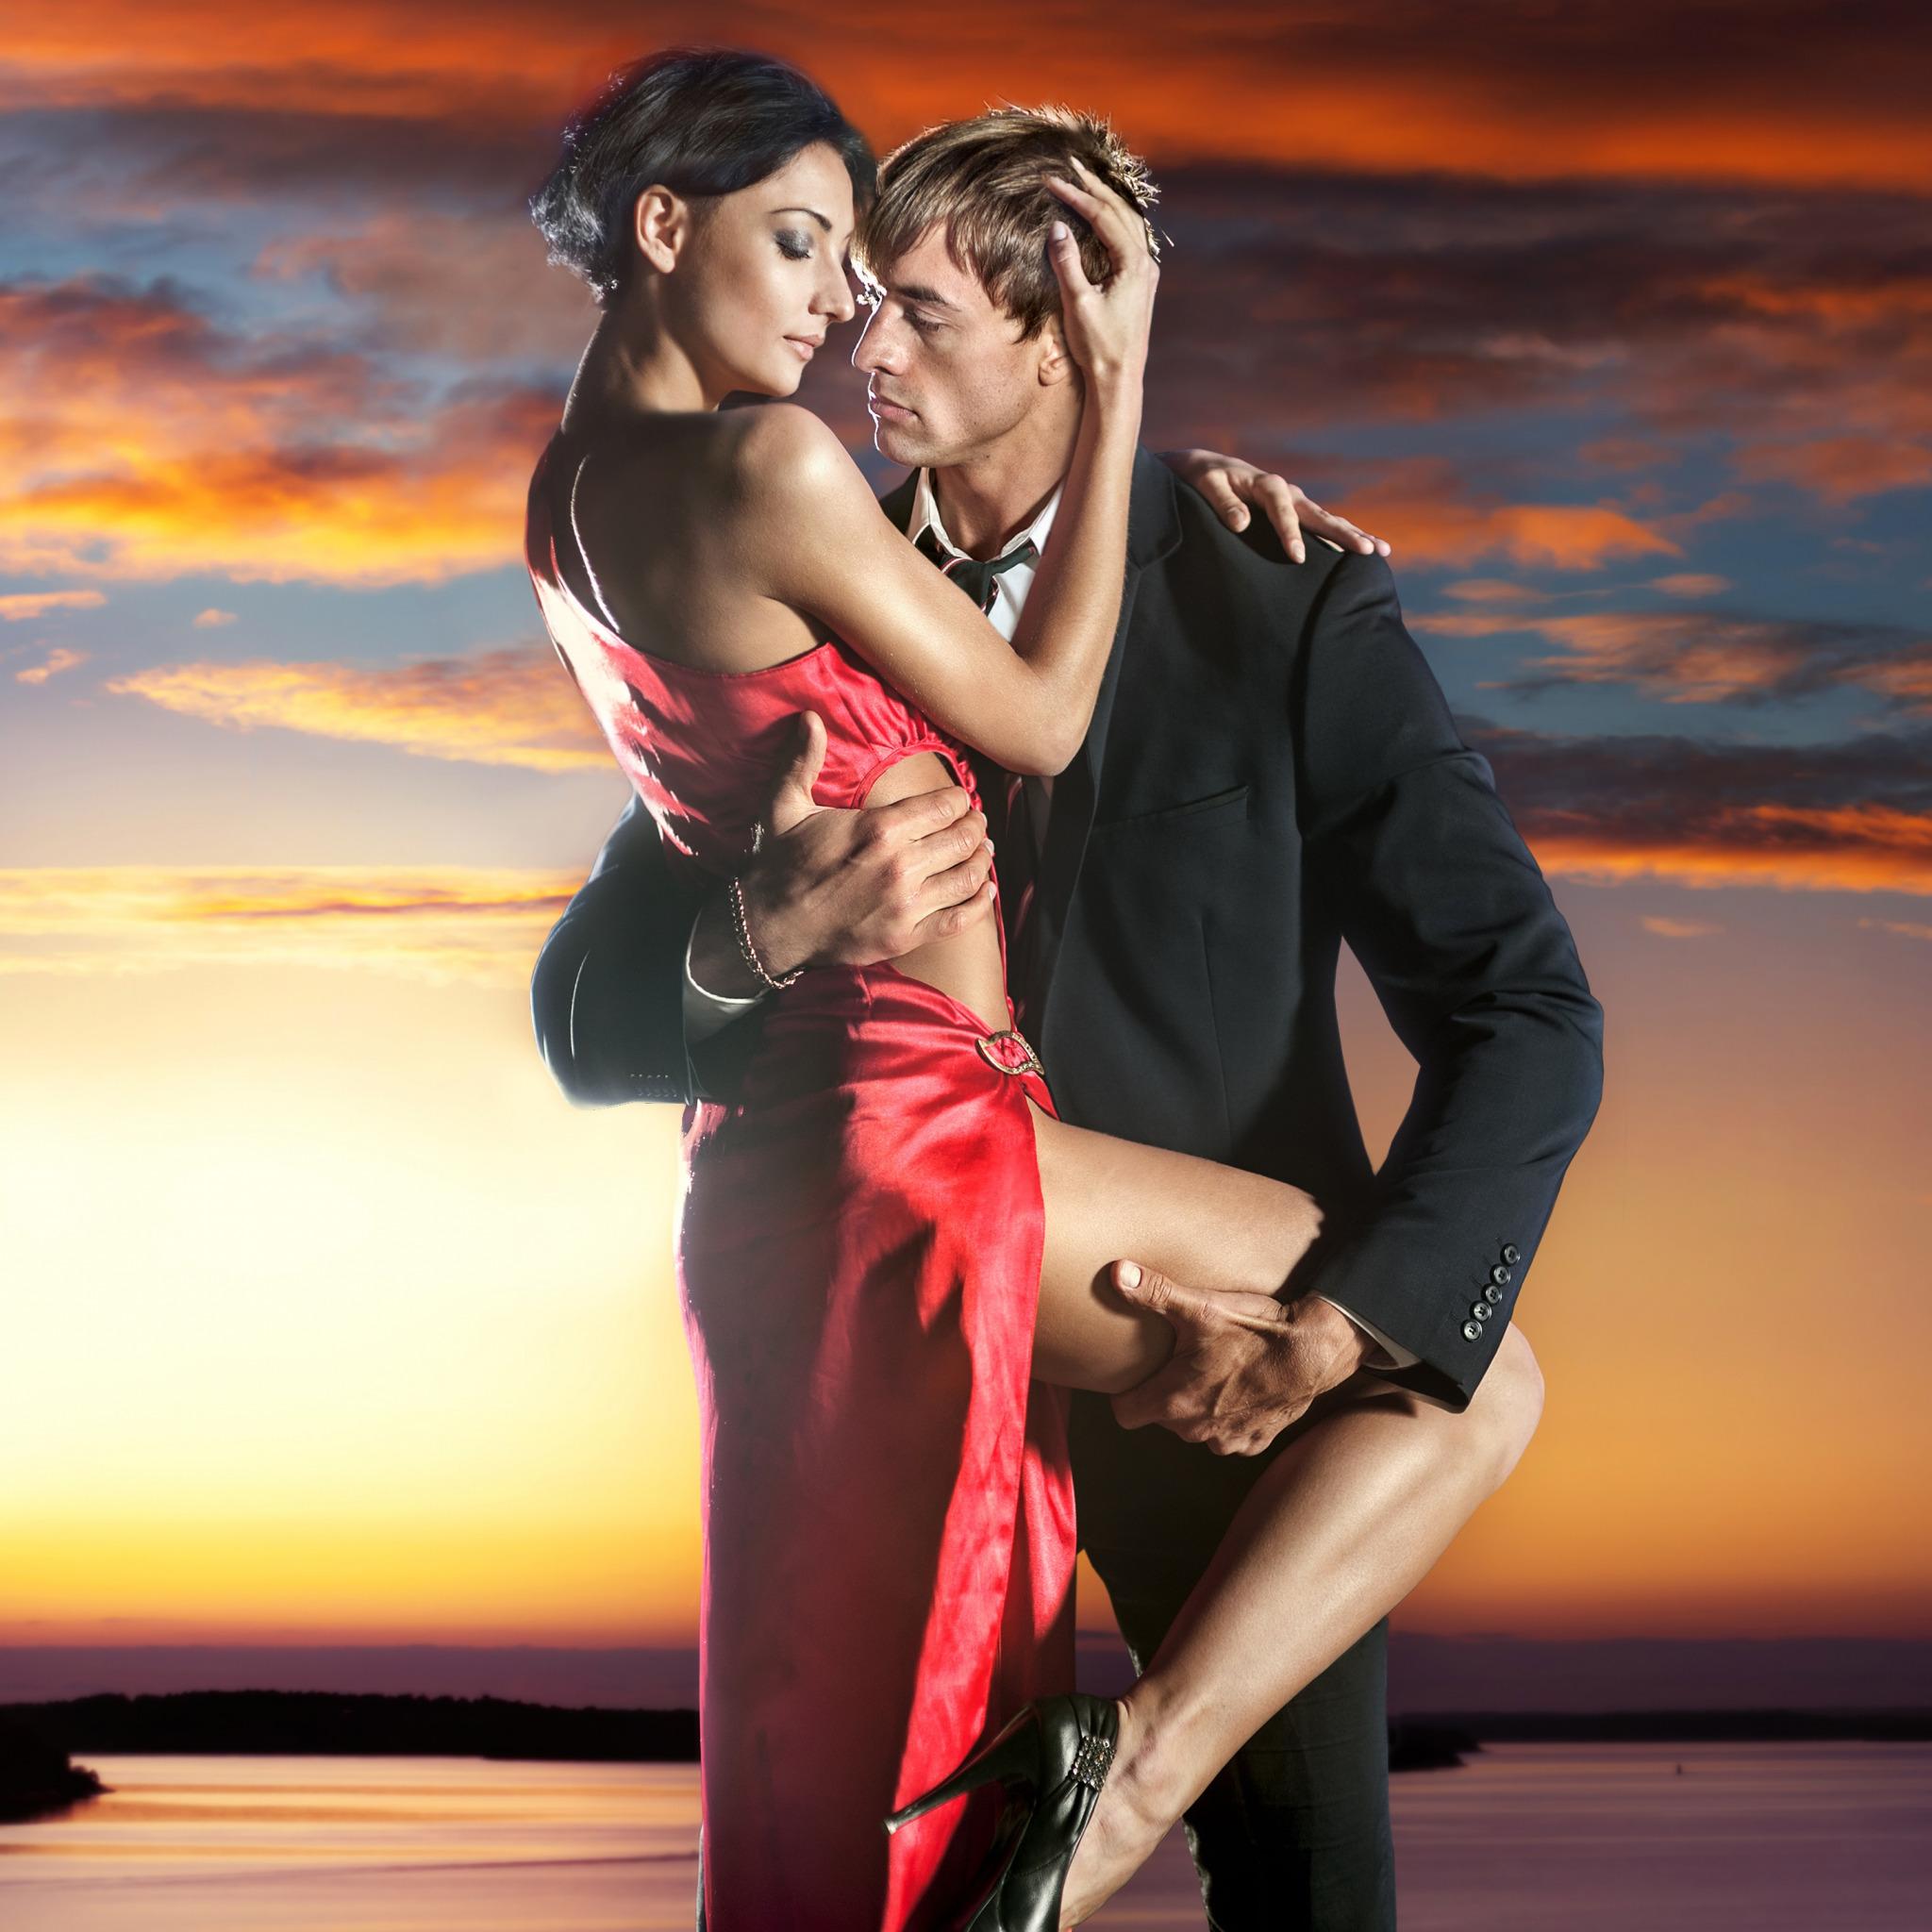 Красивые картинки парня с девушкой страсть